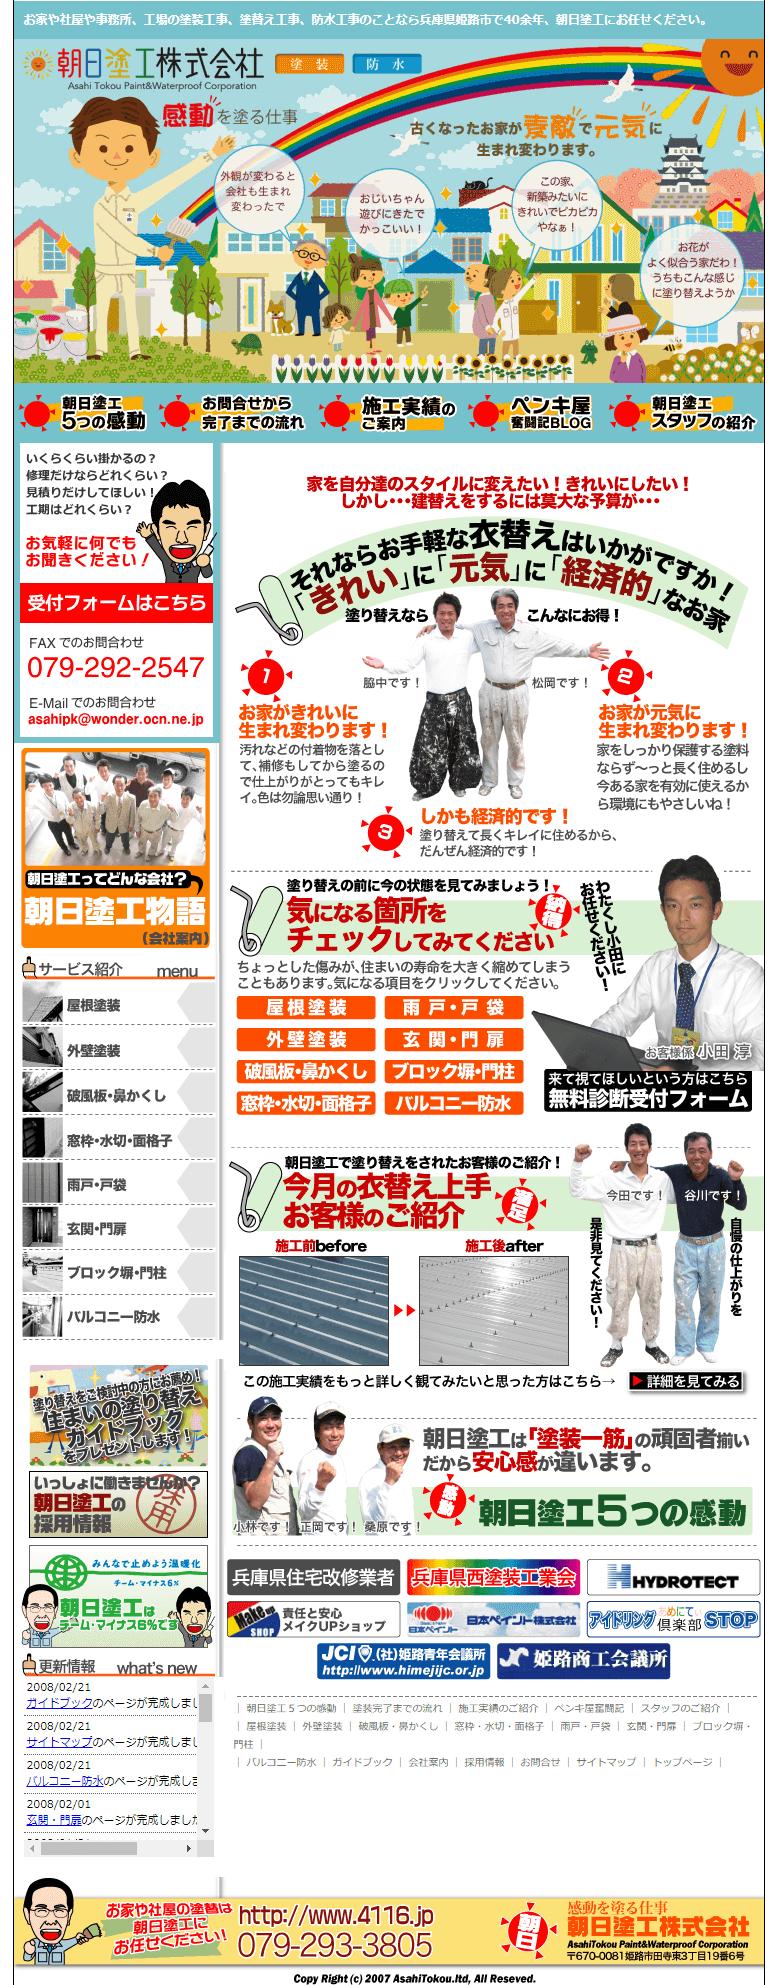 旧サイト:姫路市 朝日塗工株式会社 ホームページ制作